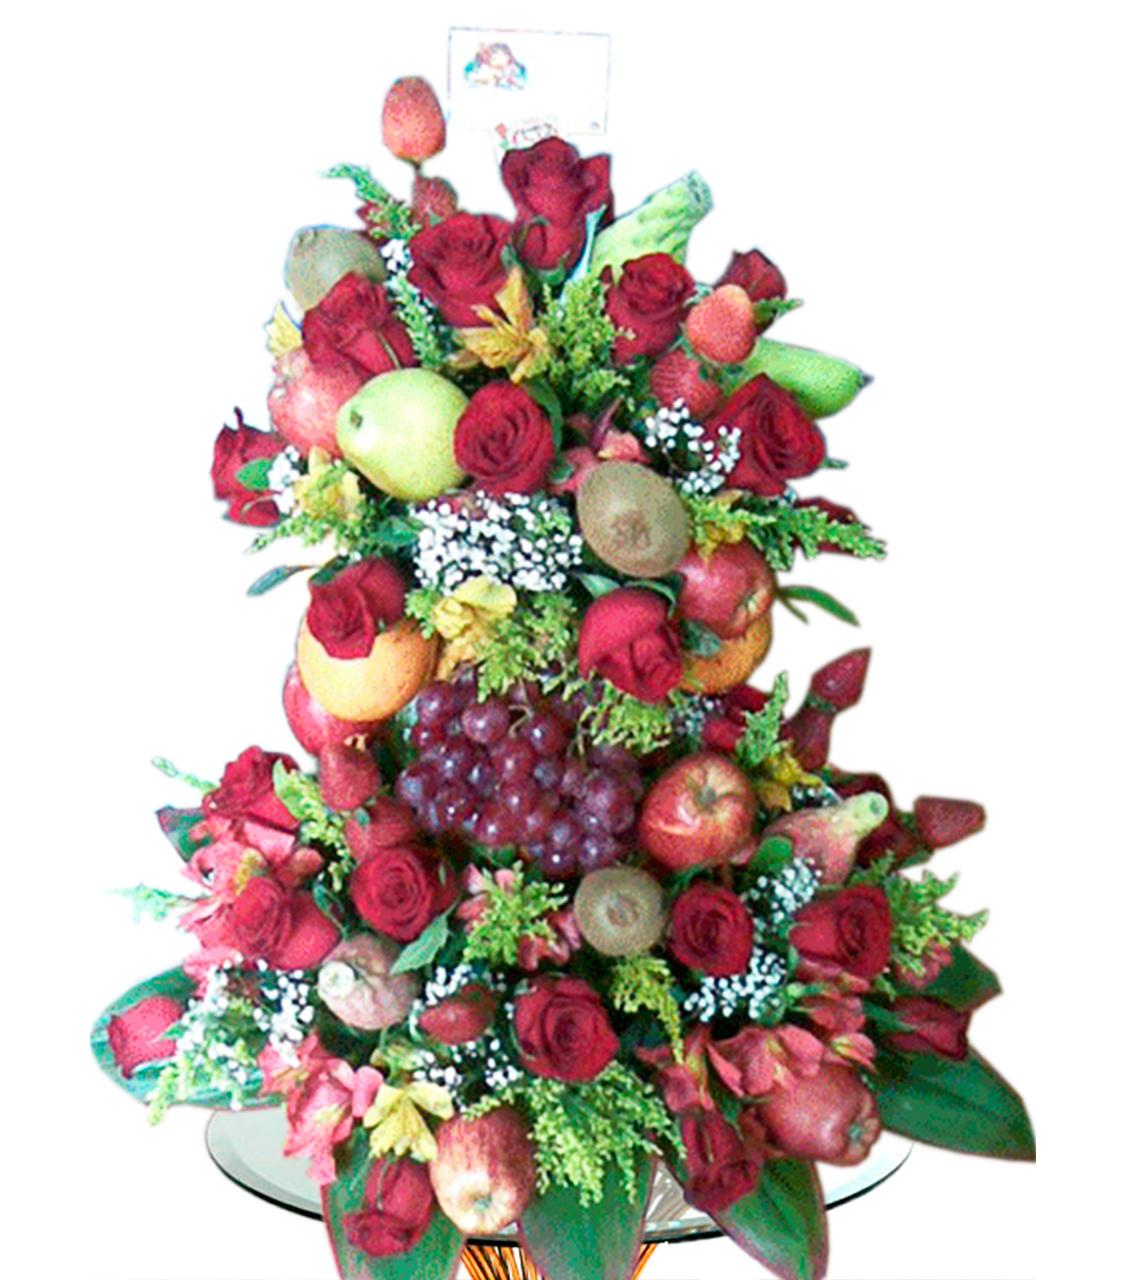 Bouquet con Frutas Diversas